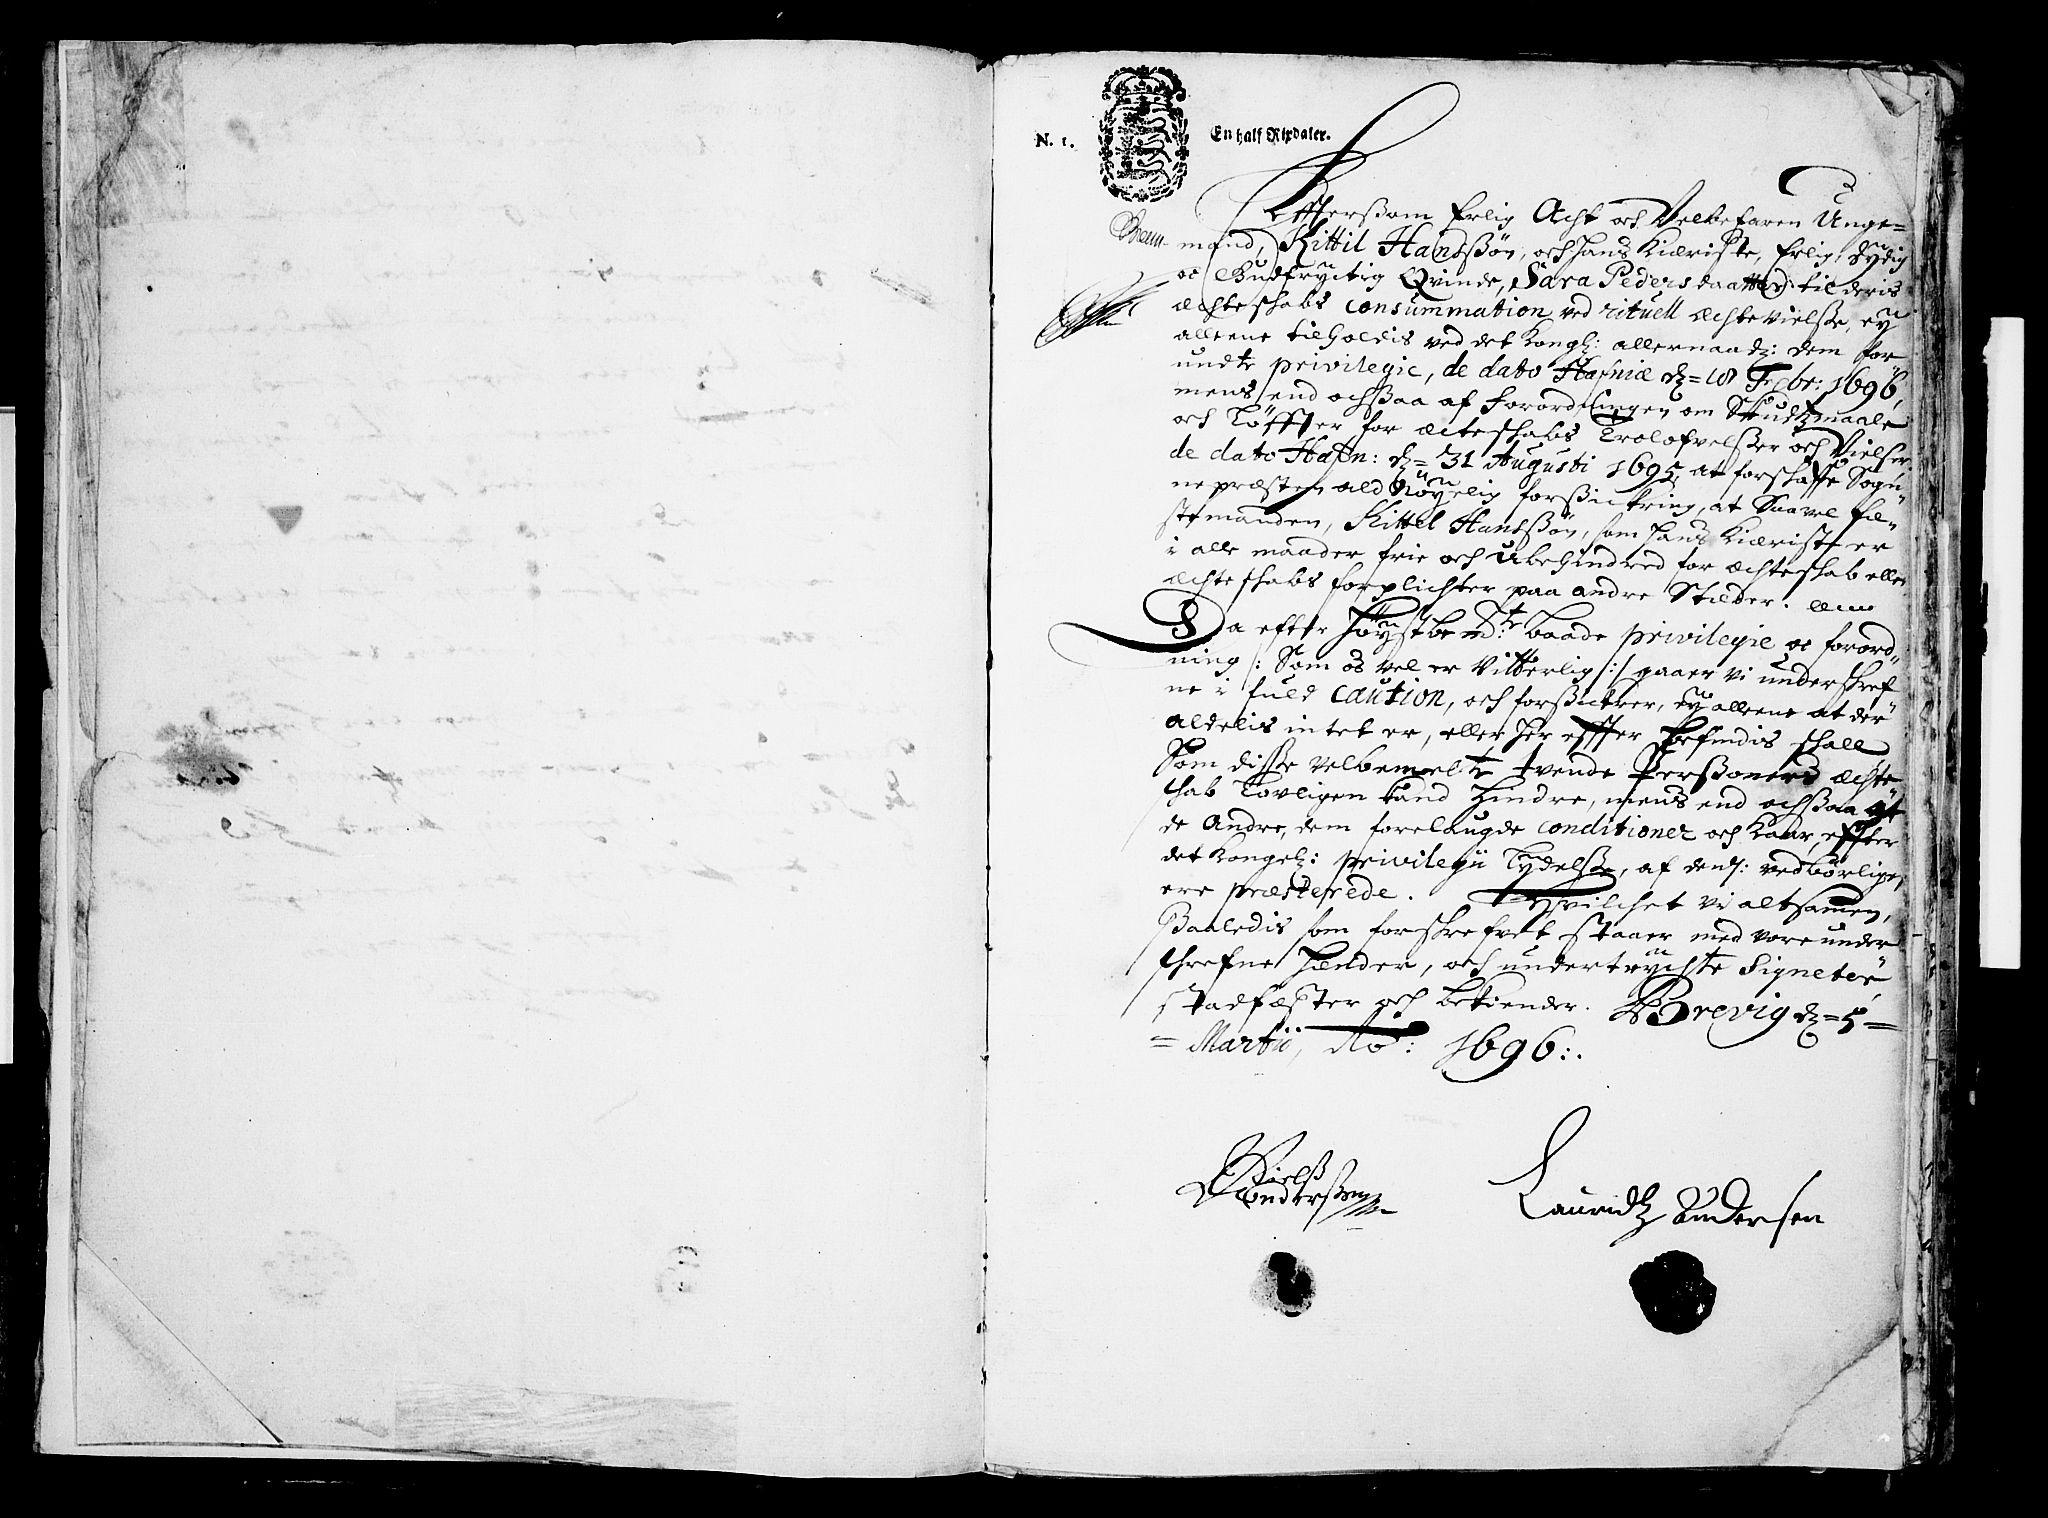 SAKO, Eidanger kirkebøker, F/Fa/L0001: Ministerialbok nr. 1, 1695-1717, s. 3